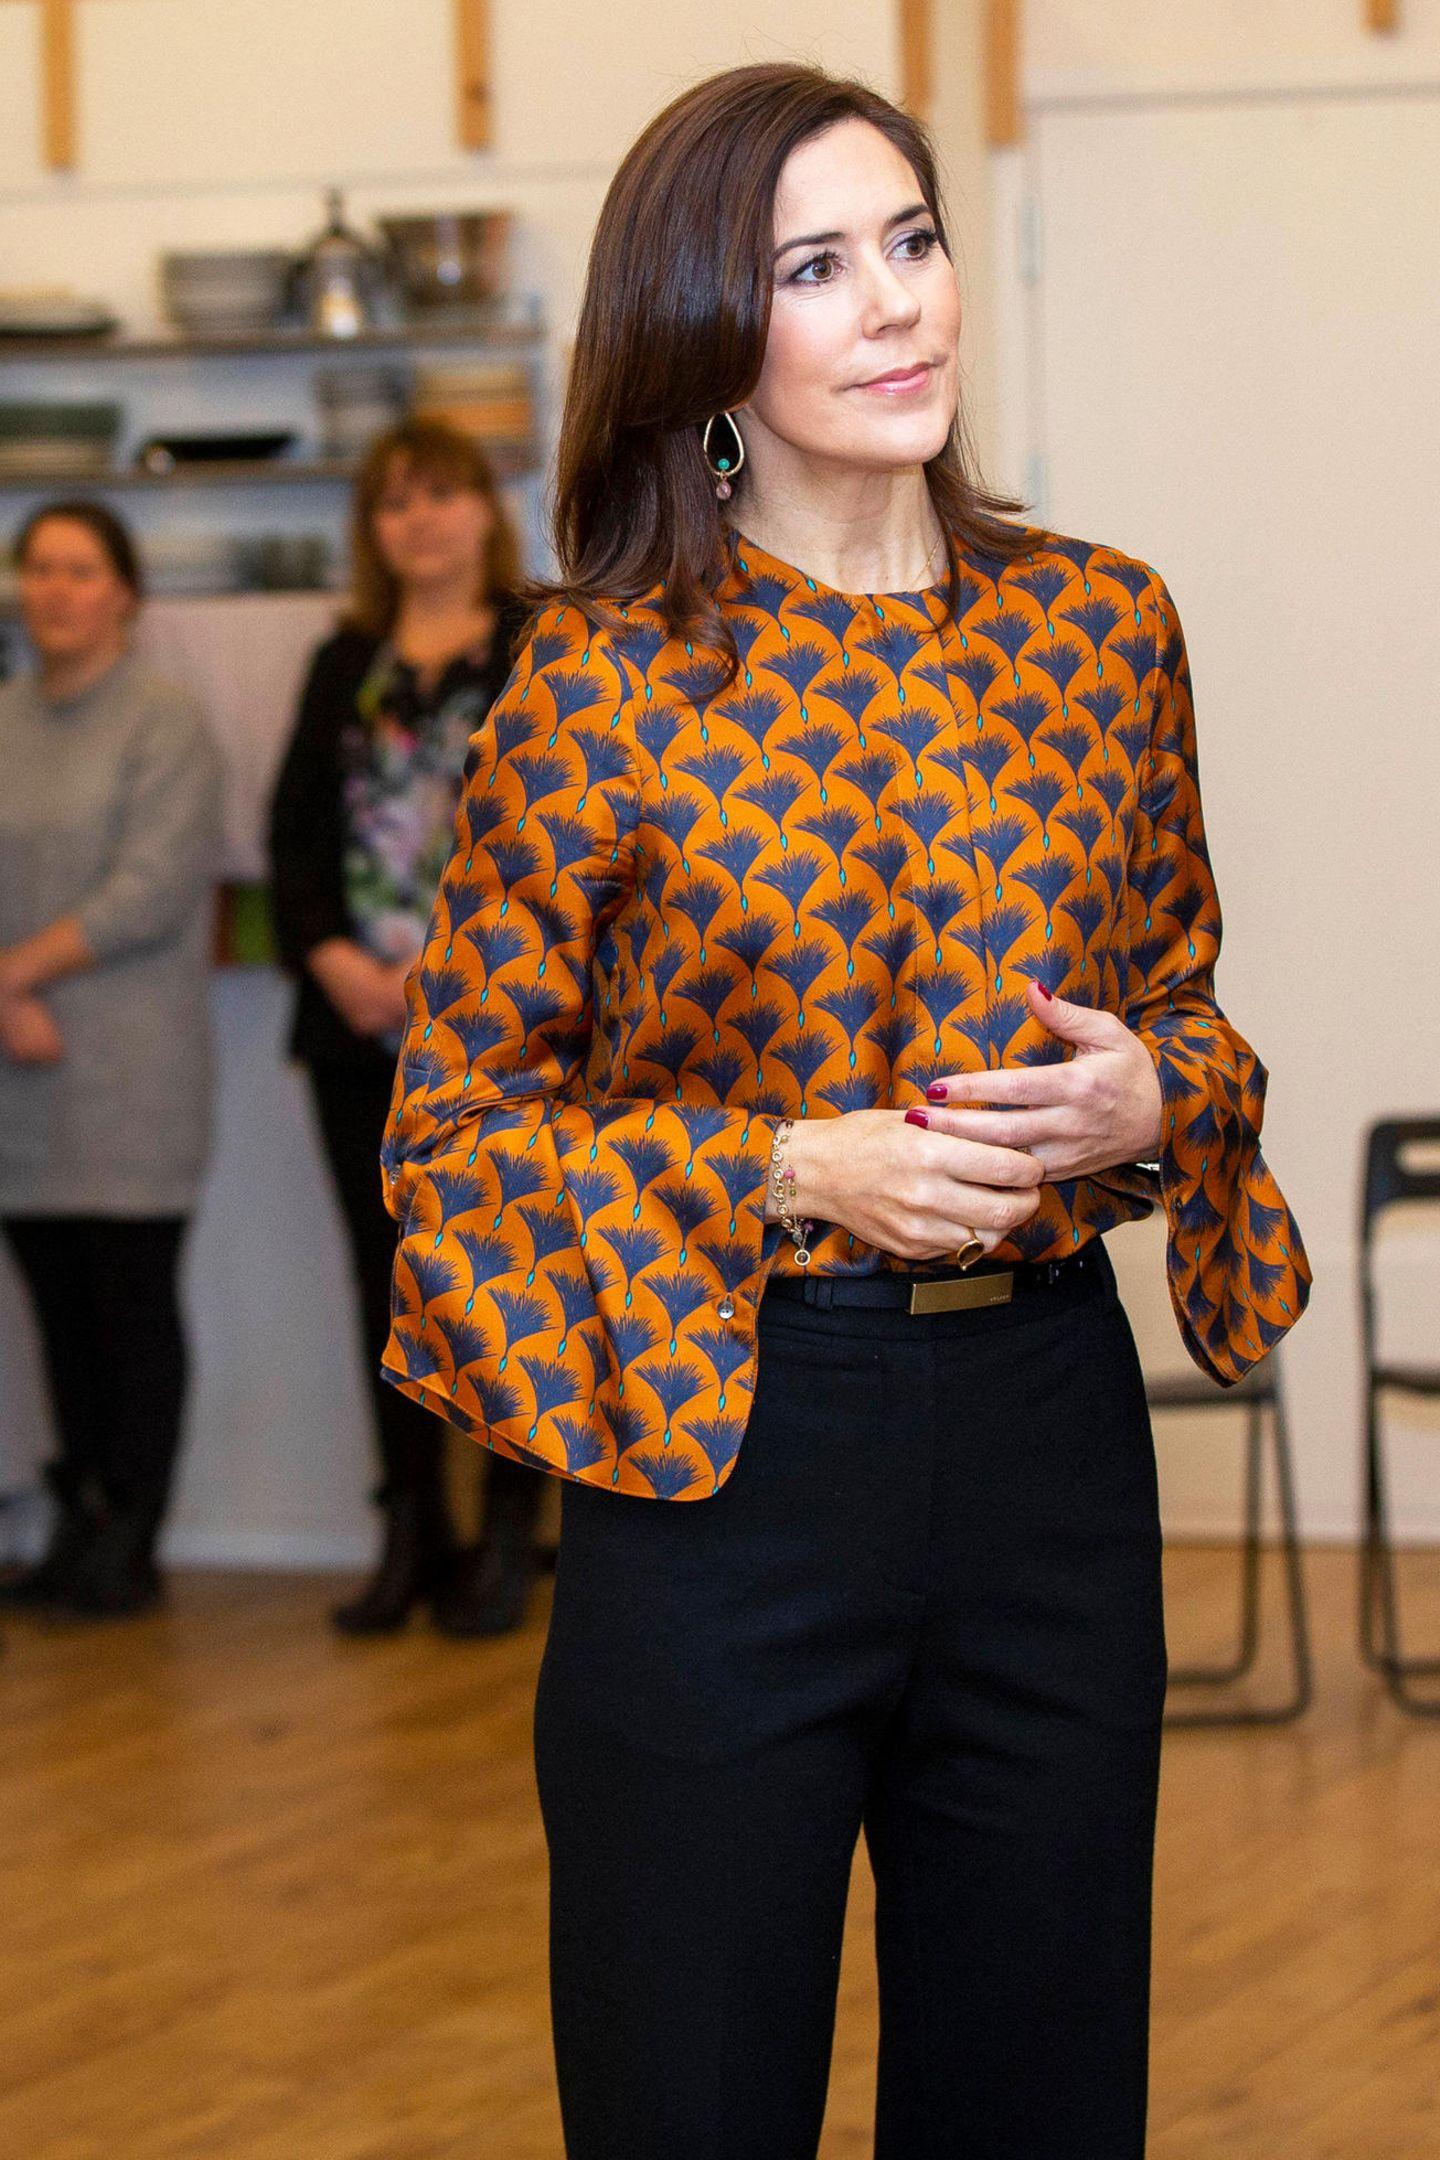 Prinzessin Mary weiß wie sie klassische Modezu eleganten Hingucker-Looks macht. Durch die auffälligen Trompetenärmeln ihres Blusen-Shirts wird ihr Outfit gekonnt aufgewertet.